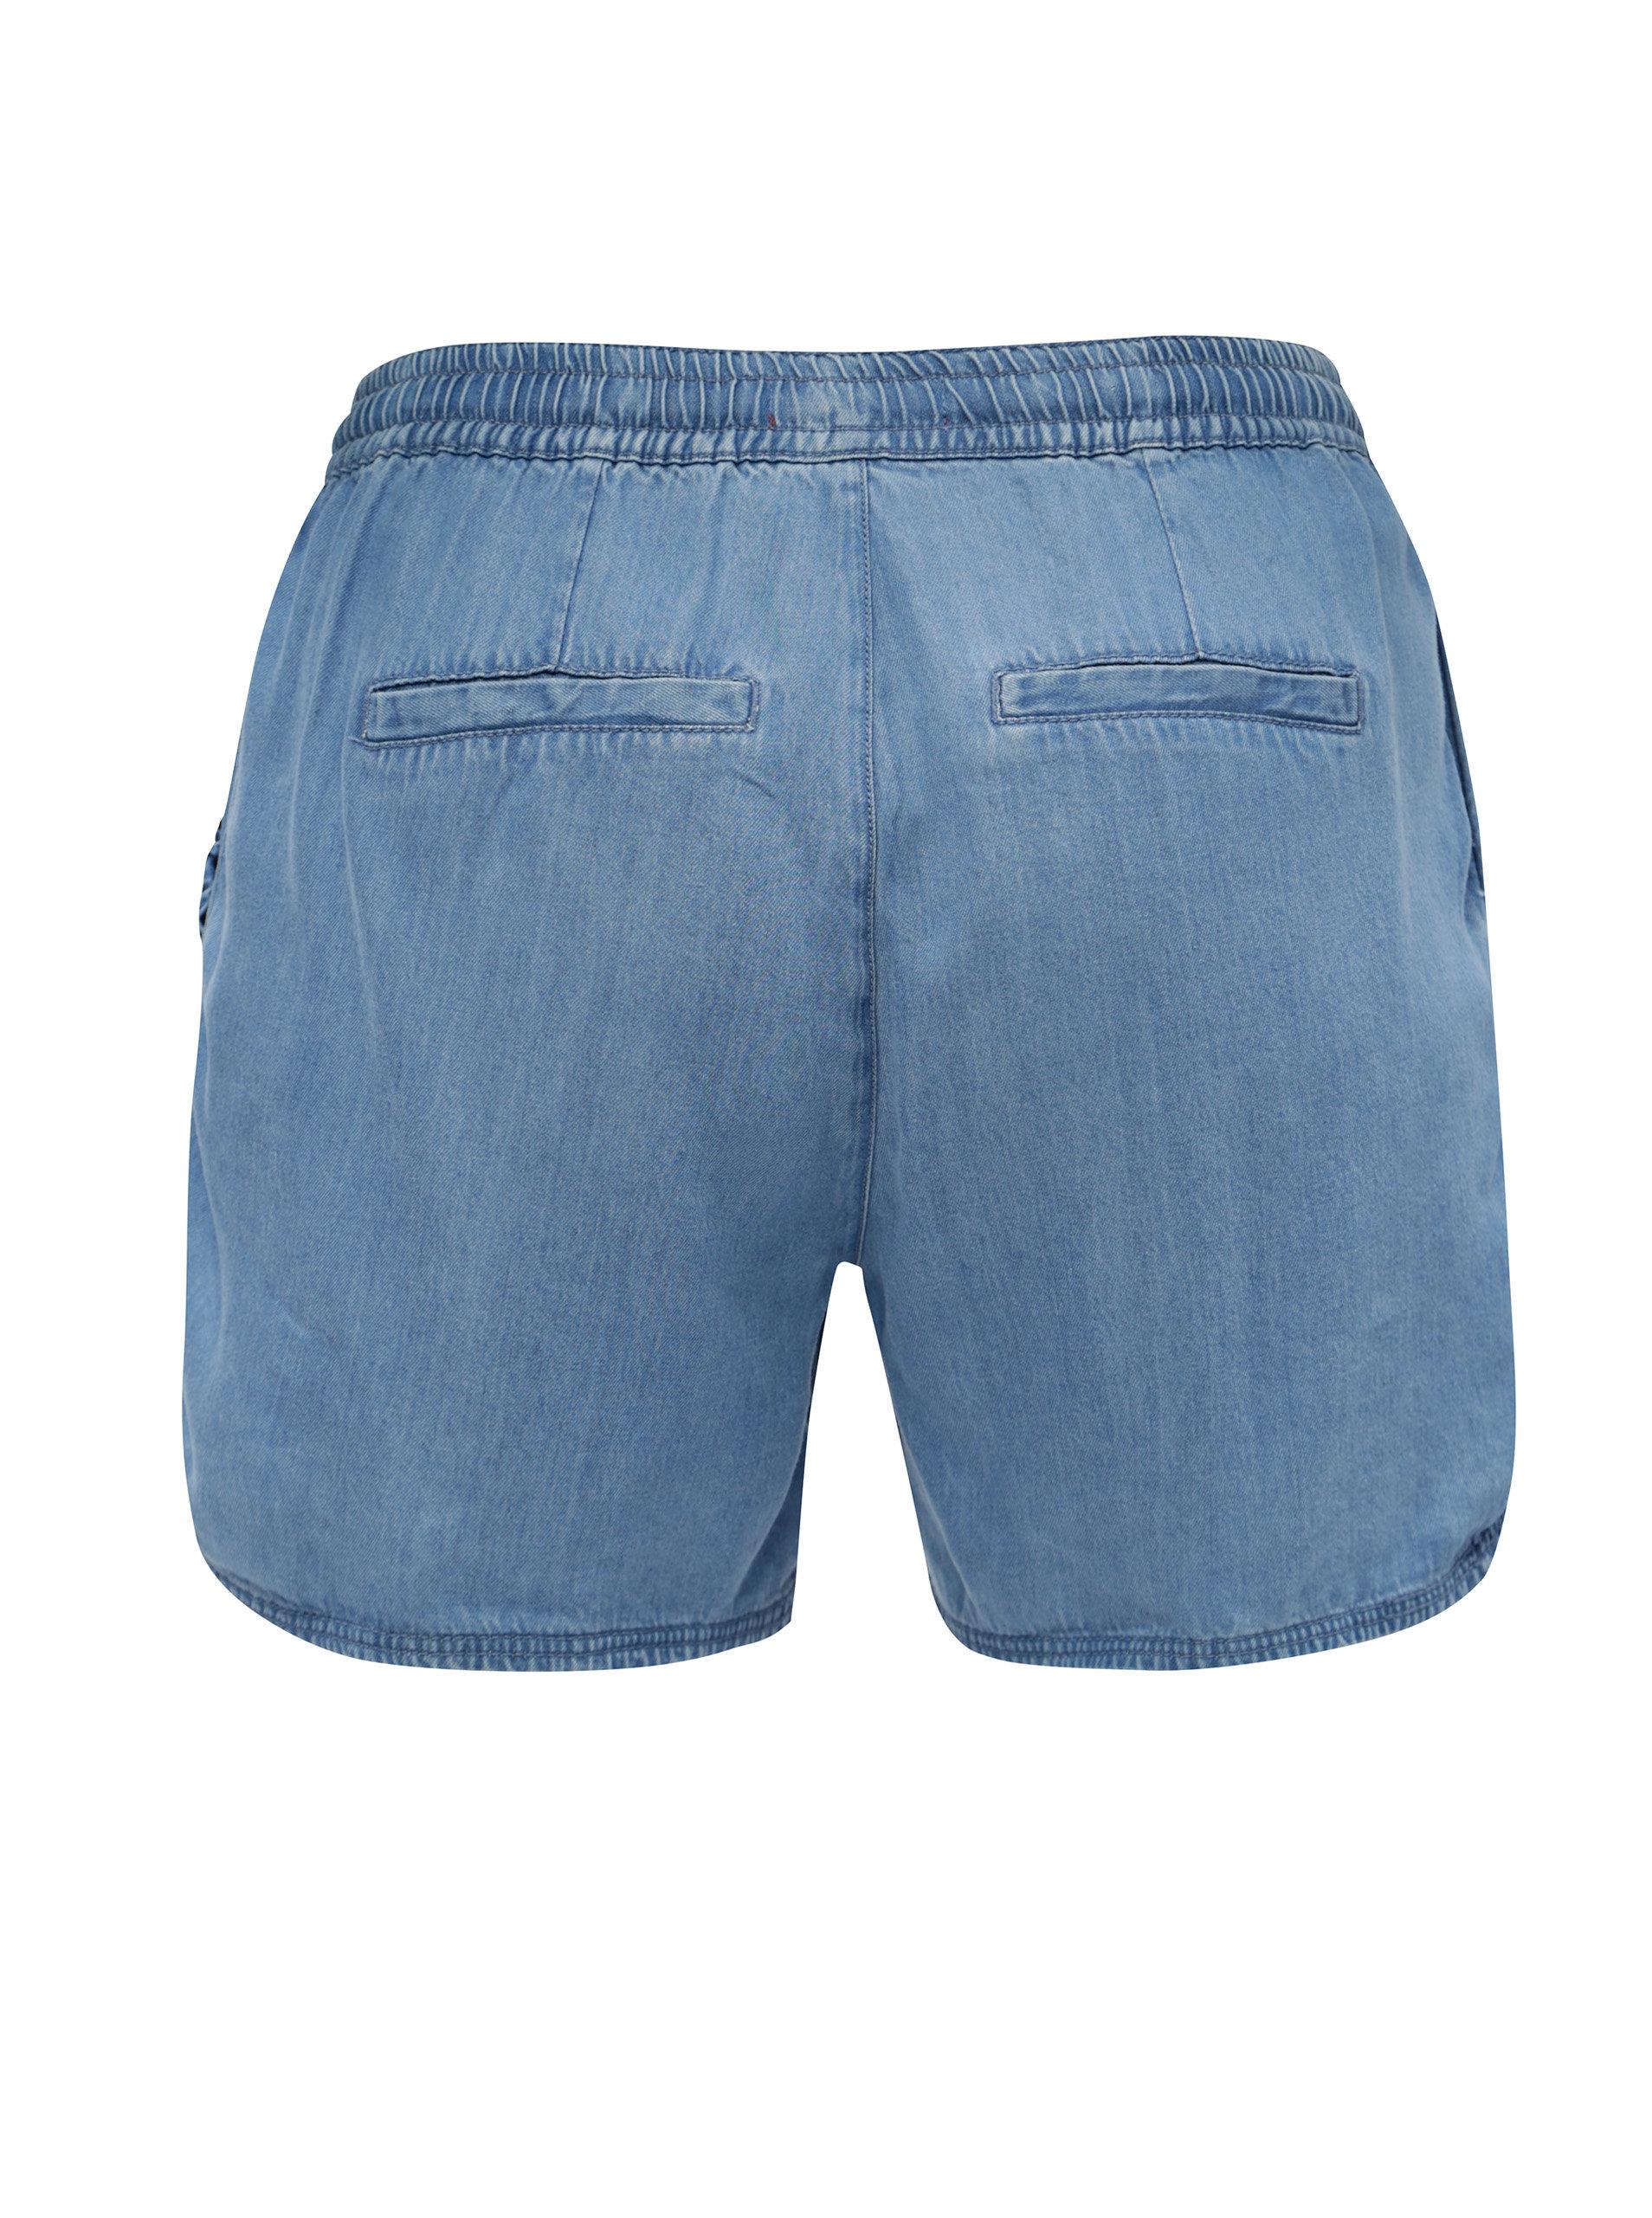 Modré dámské džínové kraťasy s.Oliver  23e2495aac